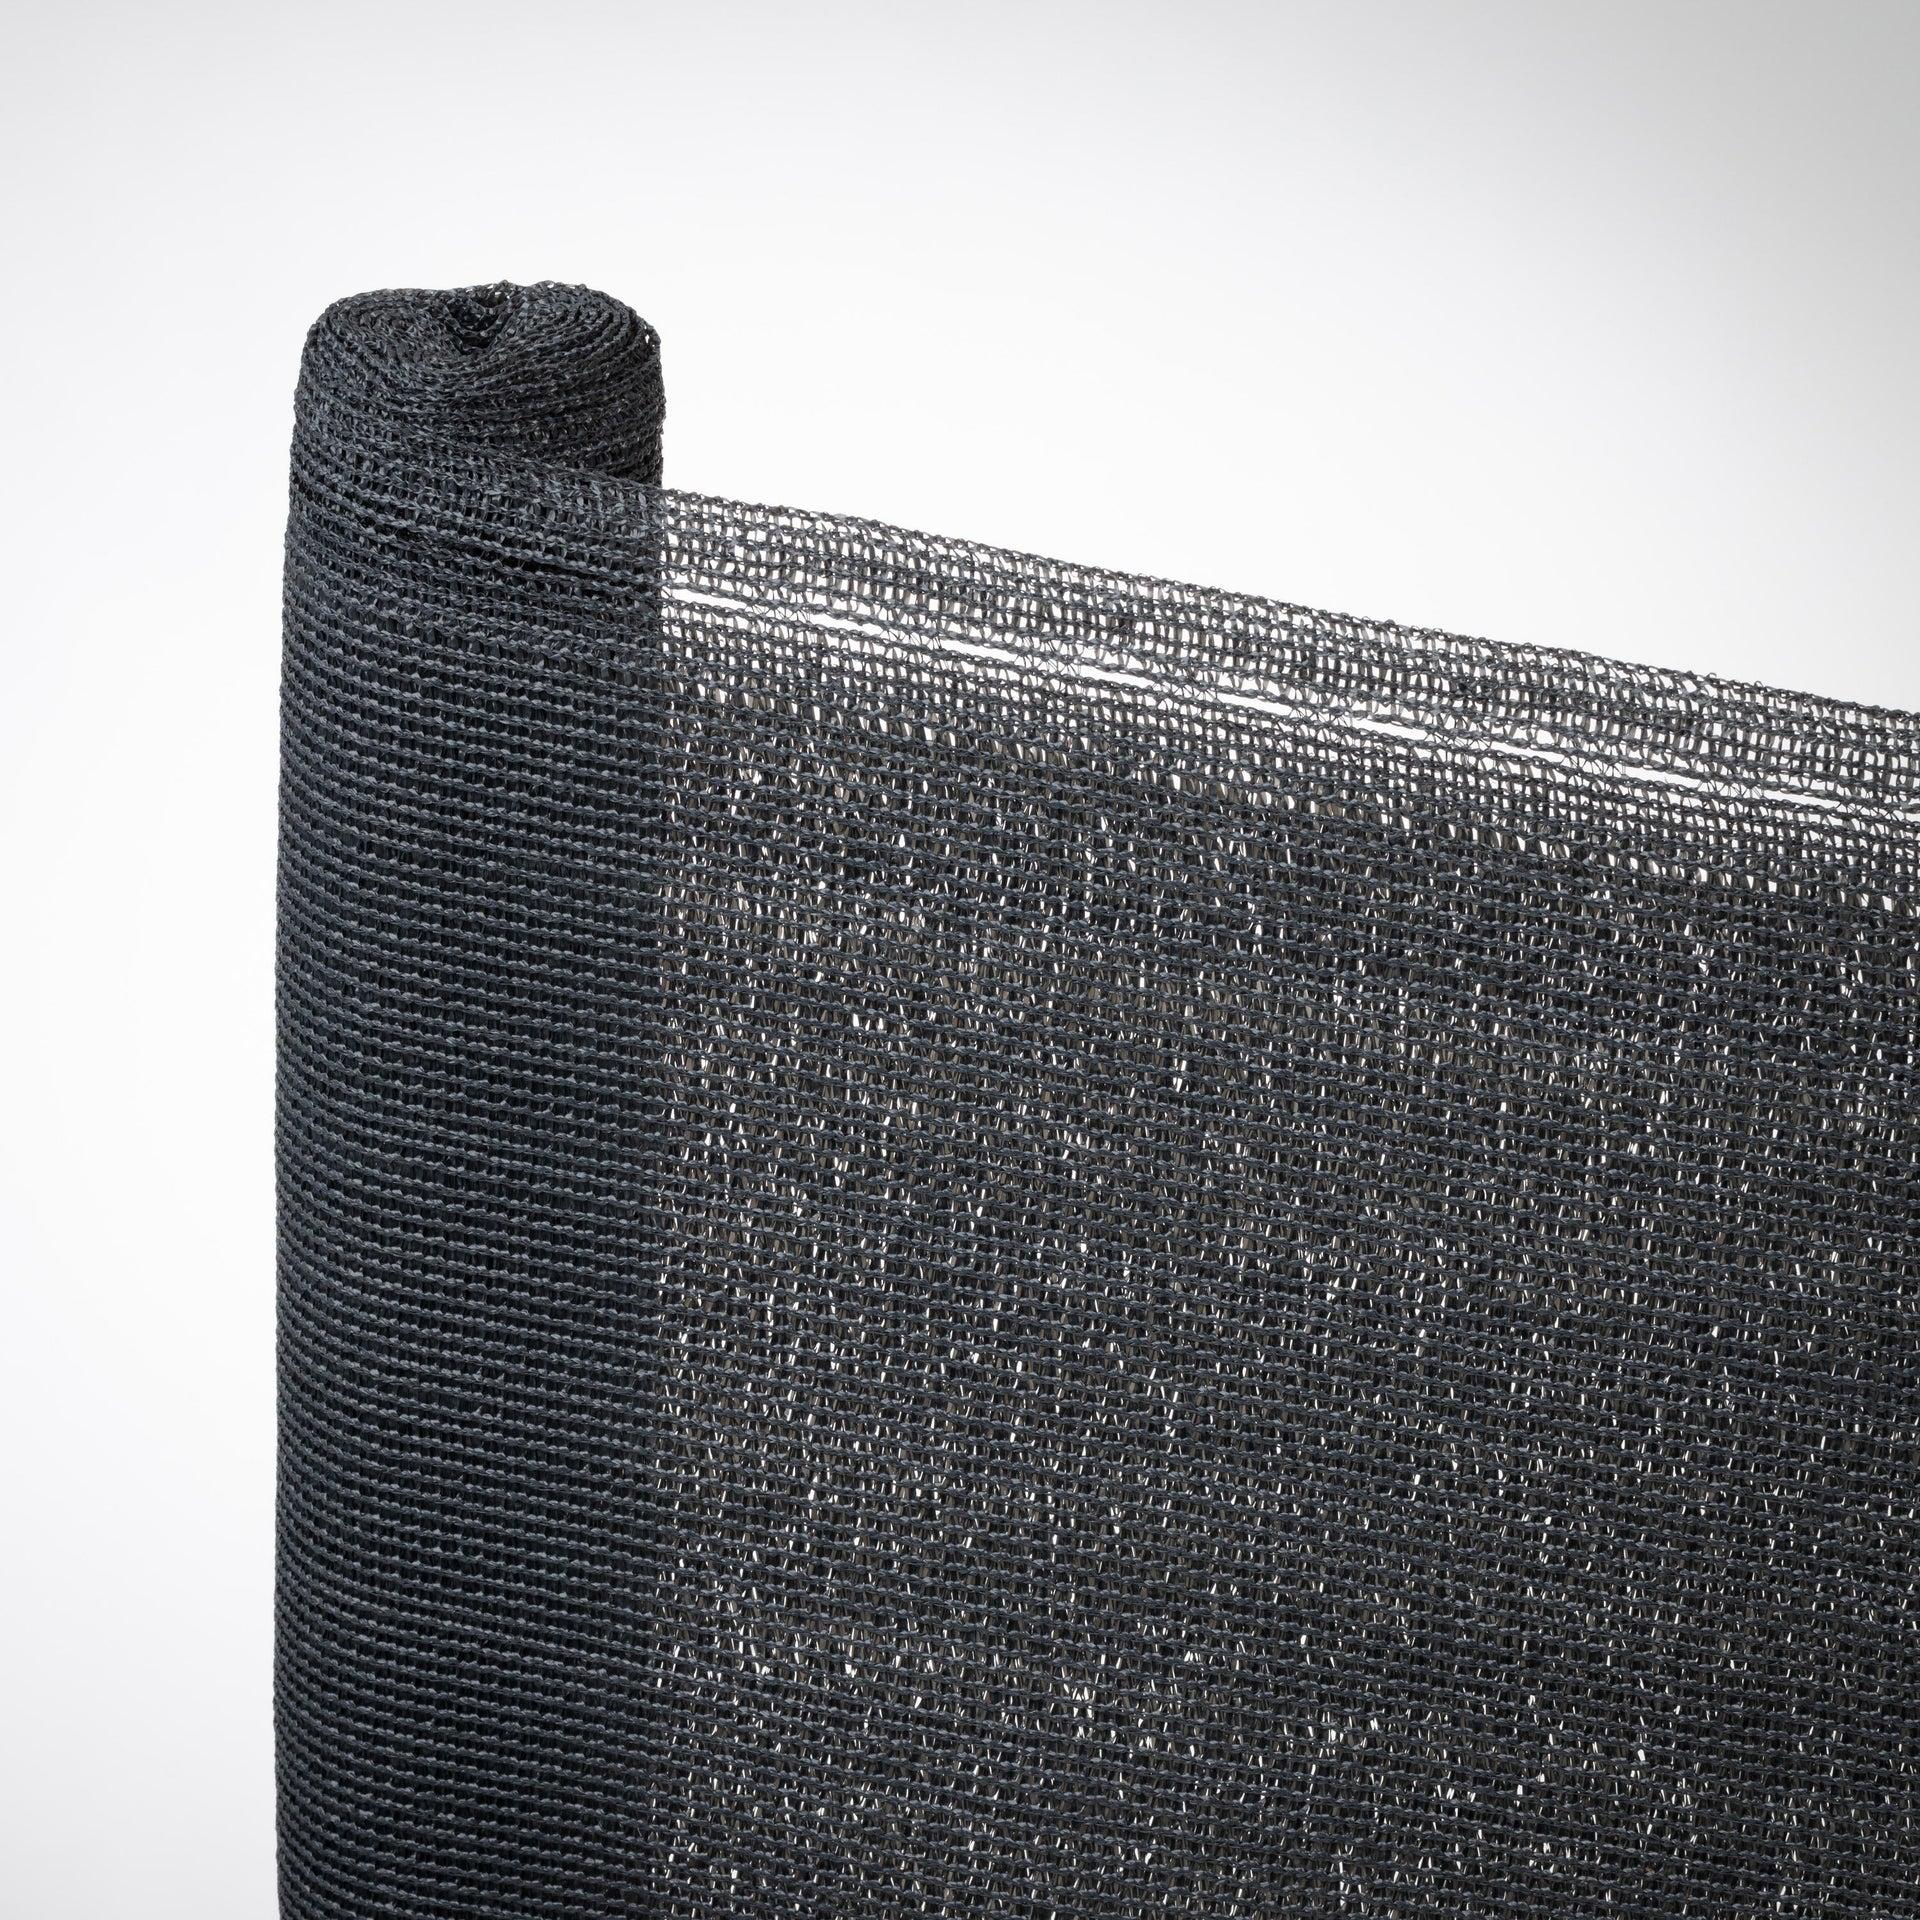 Rete ombreggiante senza kit di fissaggio NATERIAL L 1.5 x H 1.5 m - 3